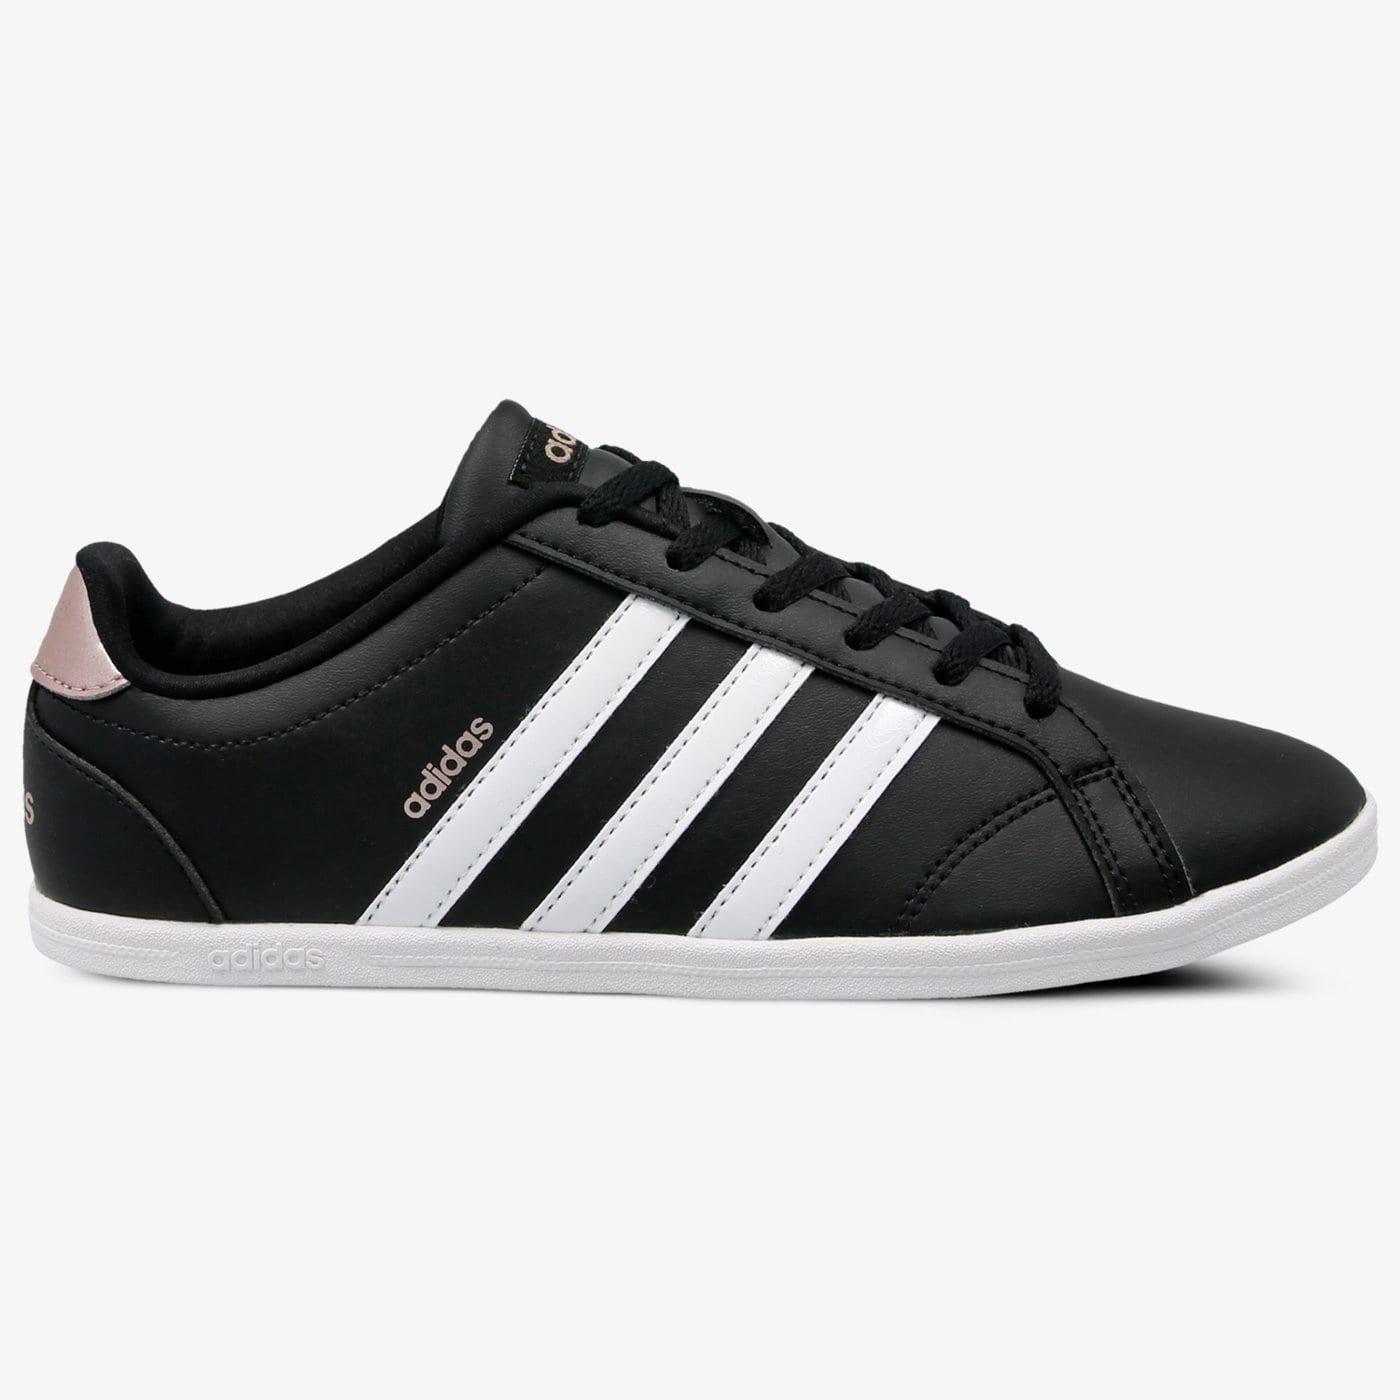 Adidas Coneo Qt damskie białe lub czarne @50Style